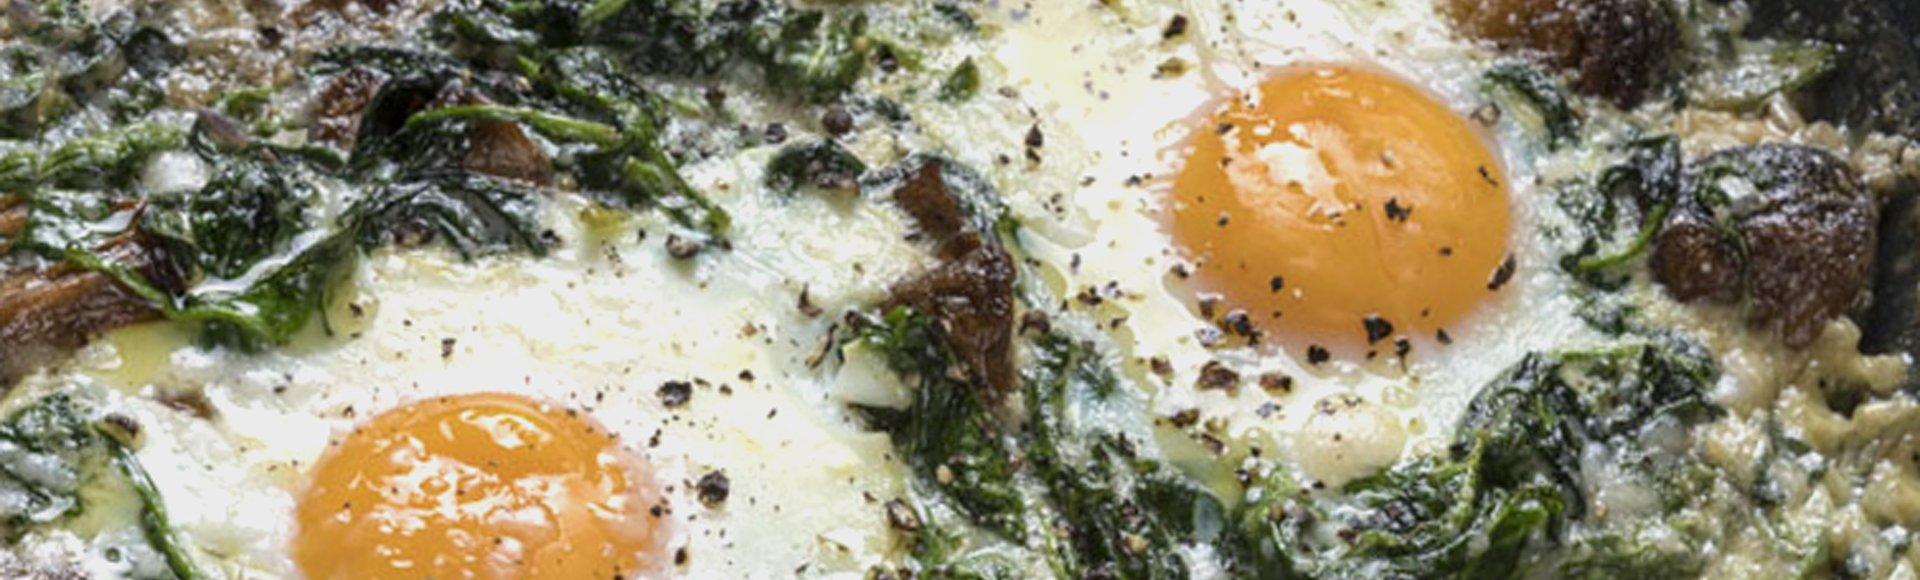 Αβγά με σπανάκι και μανιτάρια στο φούρνο